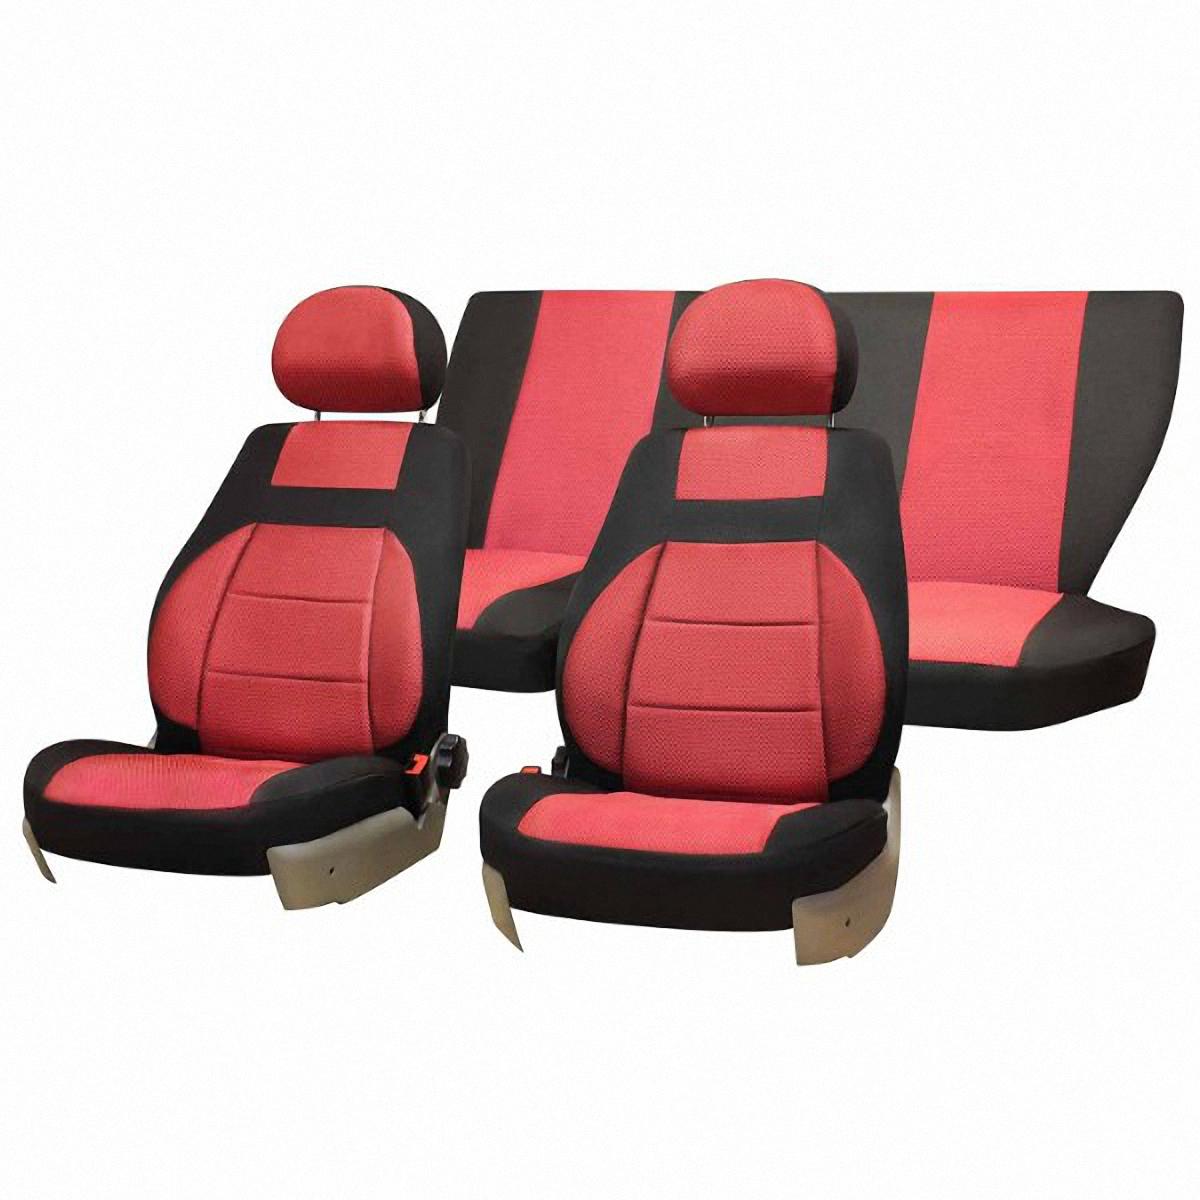 Чехлы автомобильные Skyway, для Lada Priora, хэтчбекS02201019Автомобильные чехлы Skyway изготовлены из качественного жаккарда. Чехлы идеально повторяют штатную форму сидений и выглядят как оригинальная обивка сидений. Разработаны индивидуально для каждой модели автомобиля. Авточехлы Skyway просты в уходе - загрязнения легко удаляются влажной тканью. Чехлы имеют раздельную схему надевания. В комплекте 12 предметов.